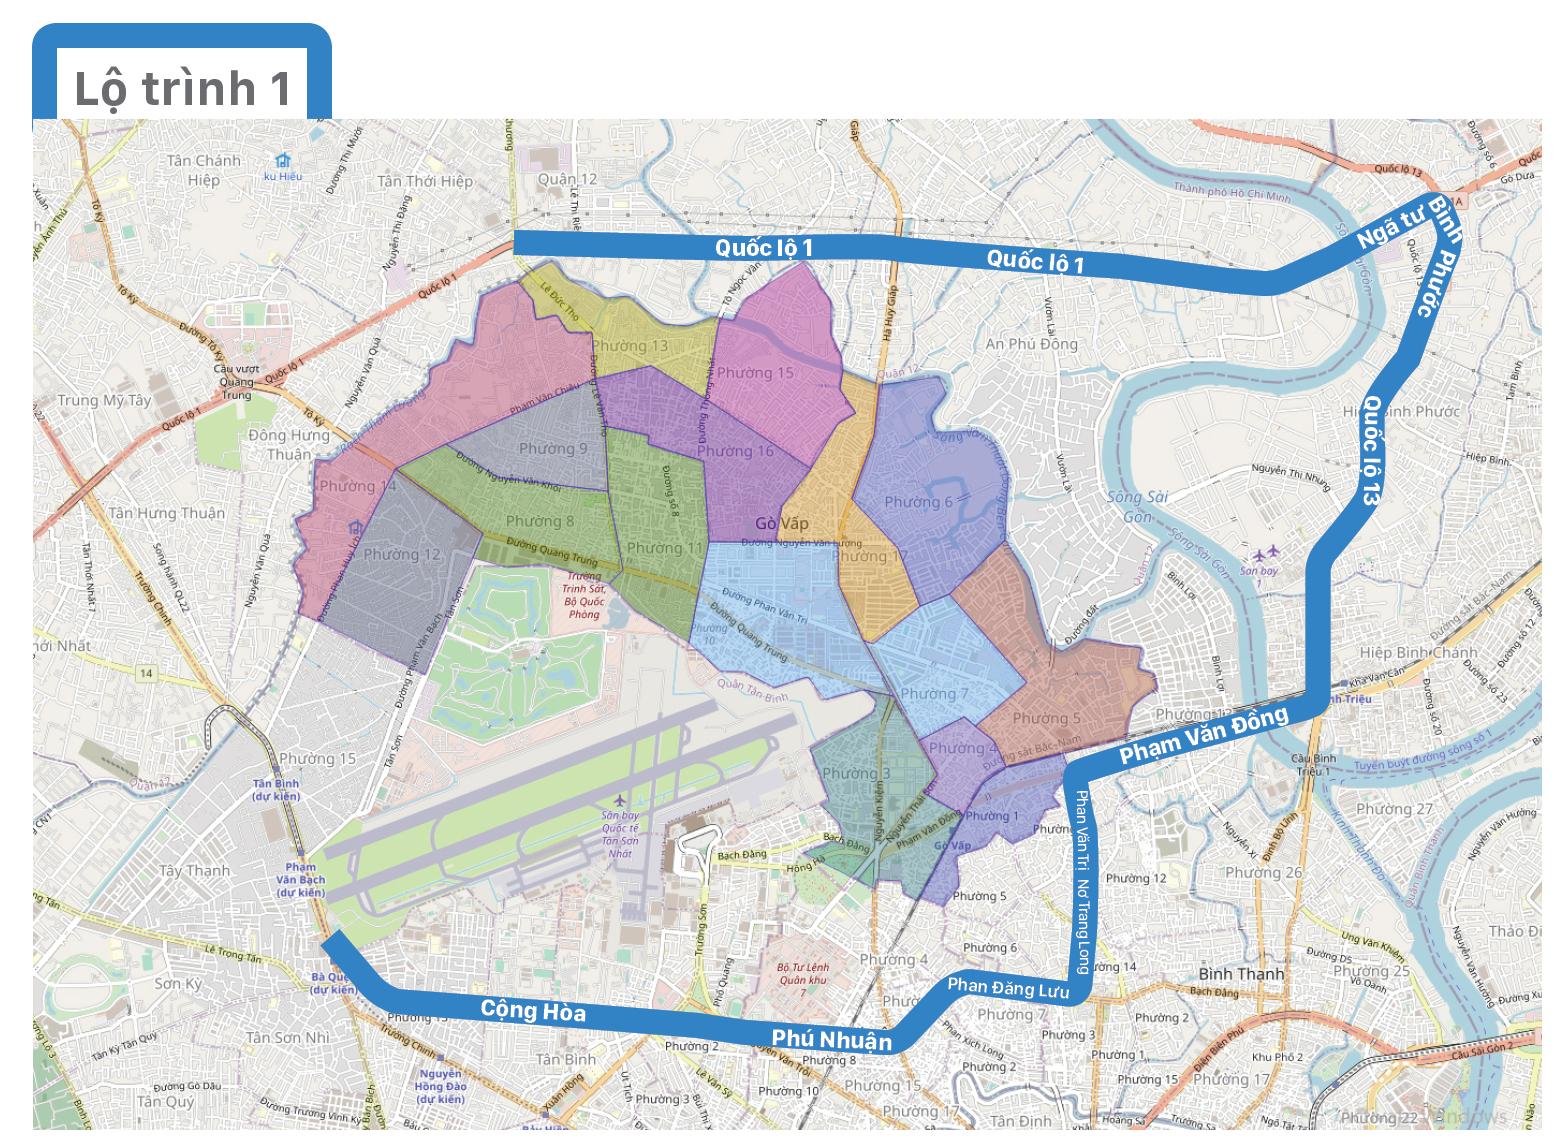 Một số lộ trình lưu thông không qua địa bàn quận Gò Vấp ảnh 2